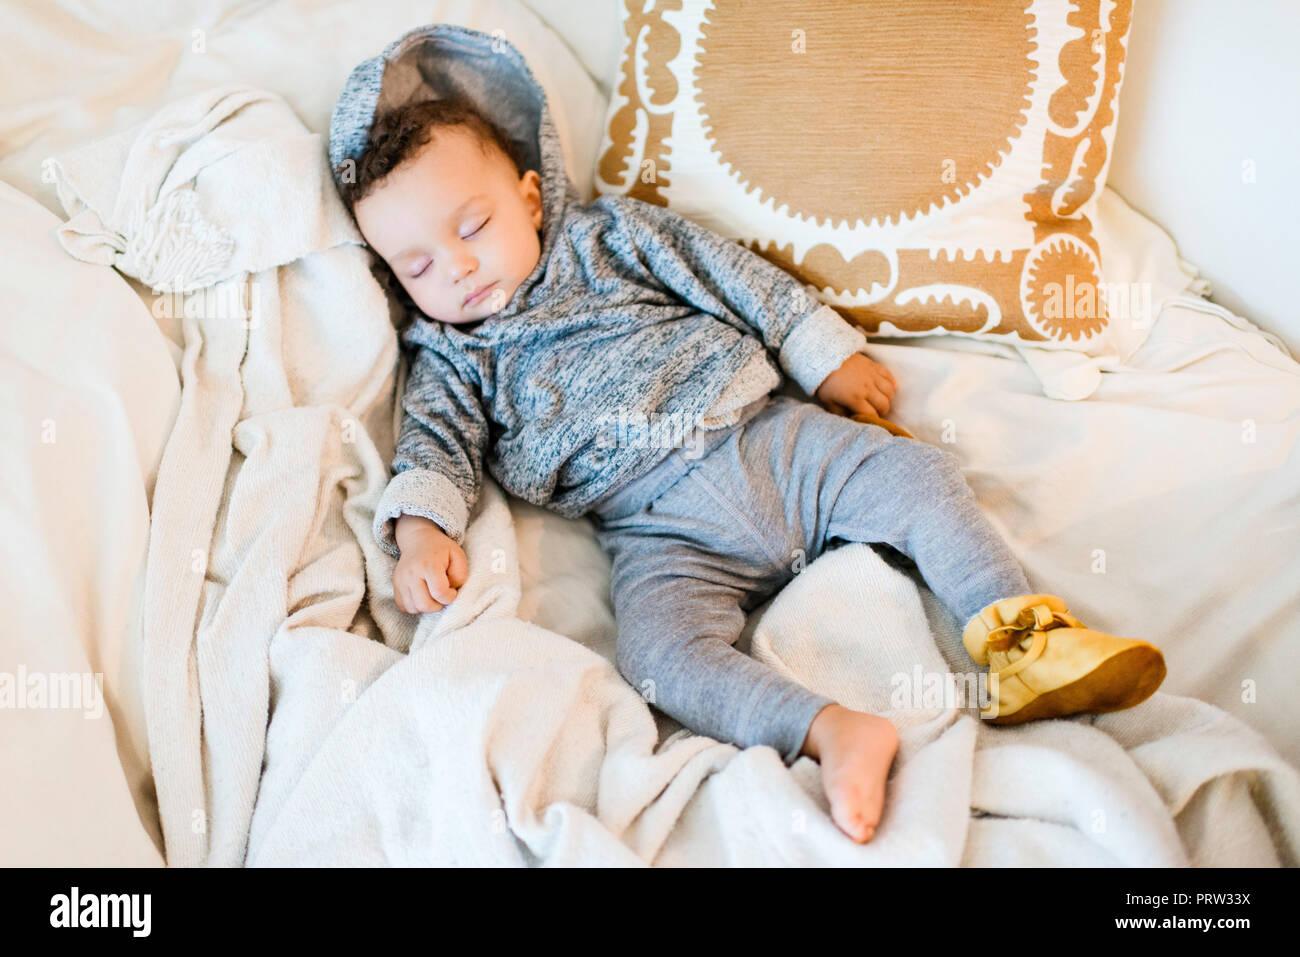 Baby boy wearing hoody asleep on blanket - Stock Image